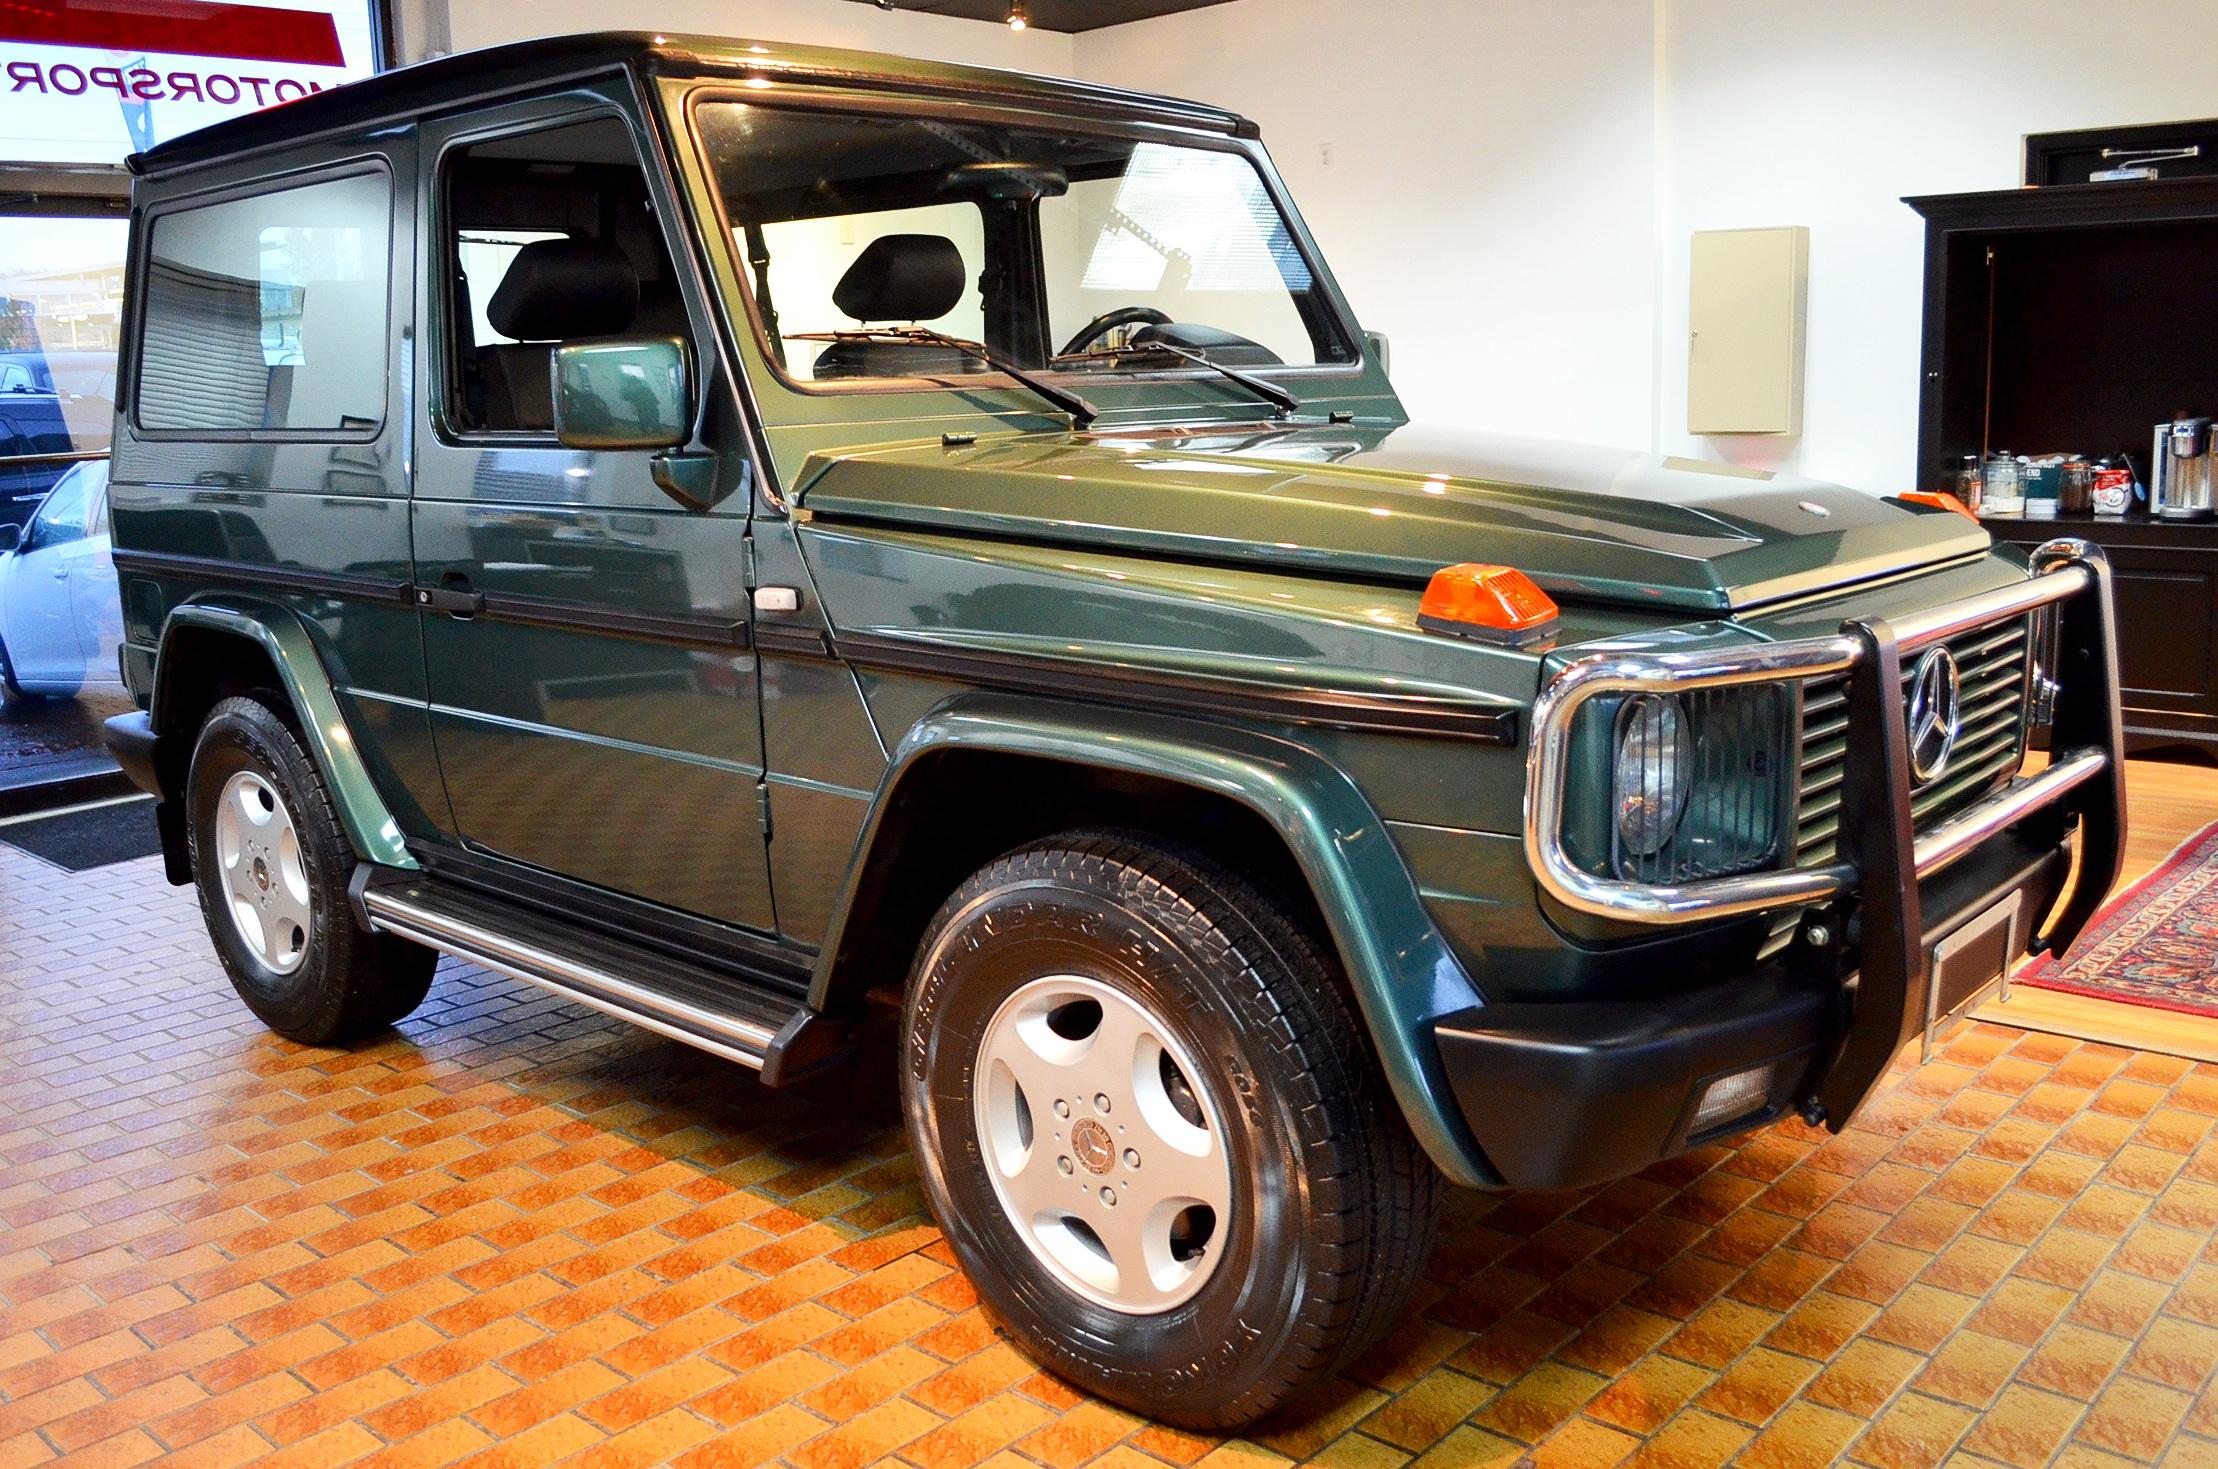 1997 Mb g320 2-door -